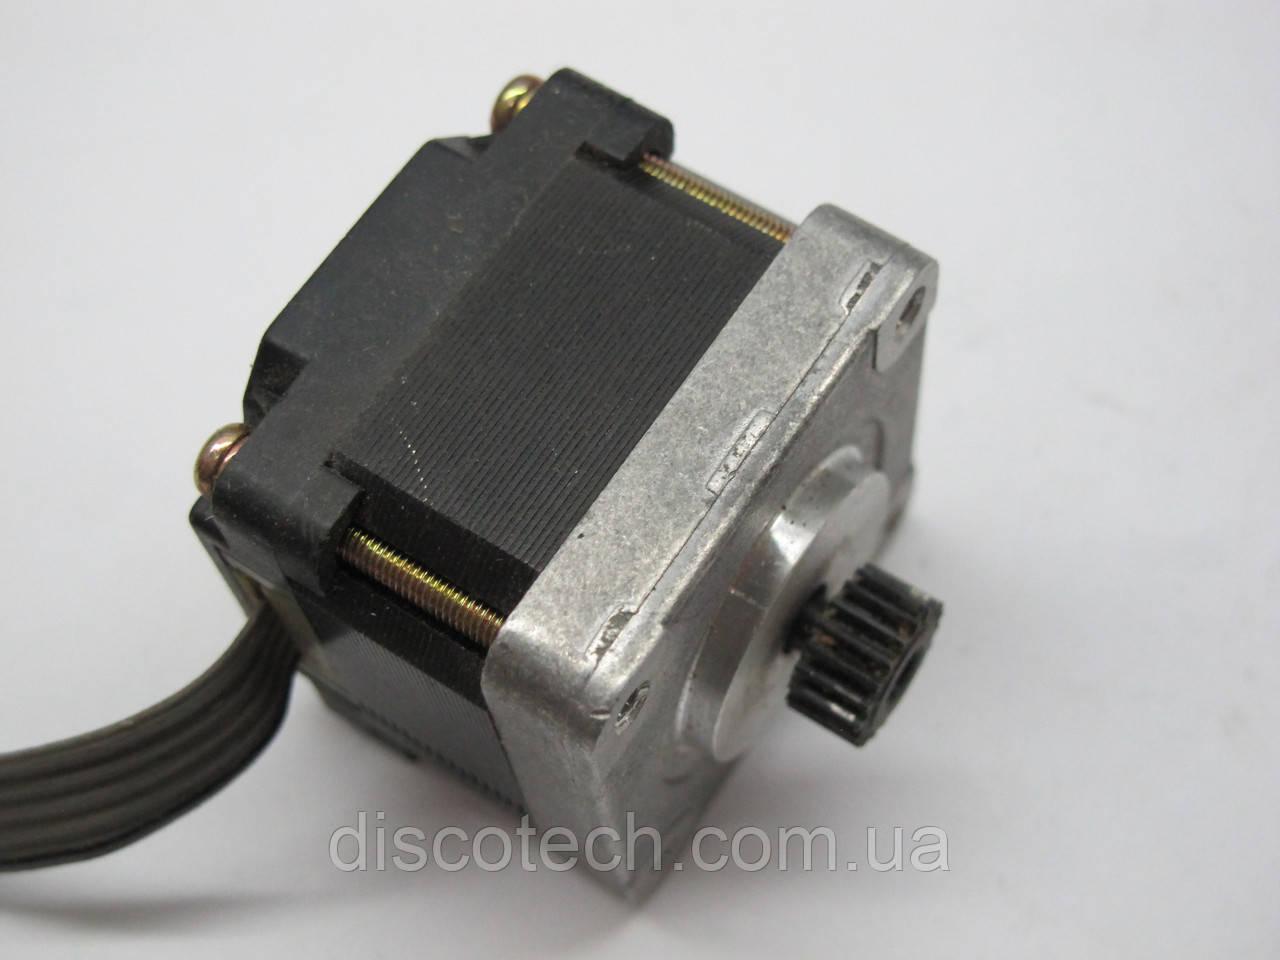 Двигатель шаговый уп 1,8 ф4,0/ 12 Ом EM-216